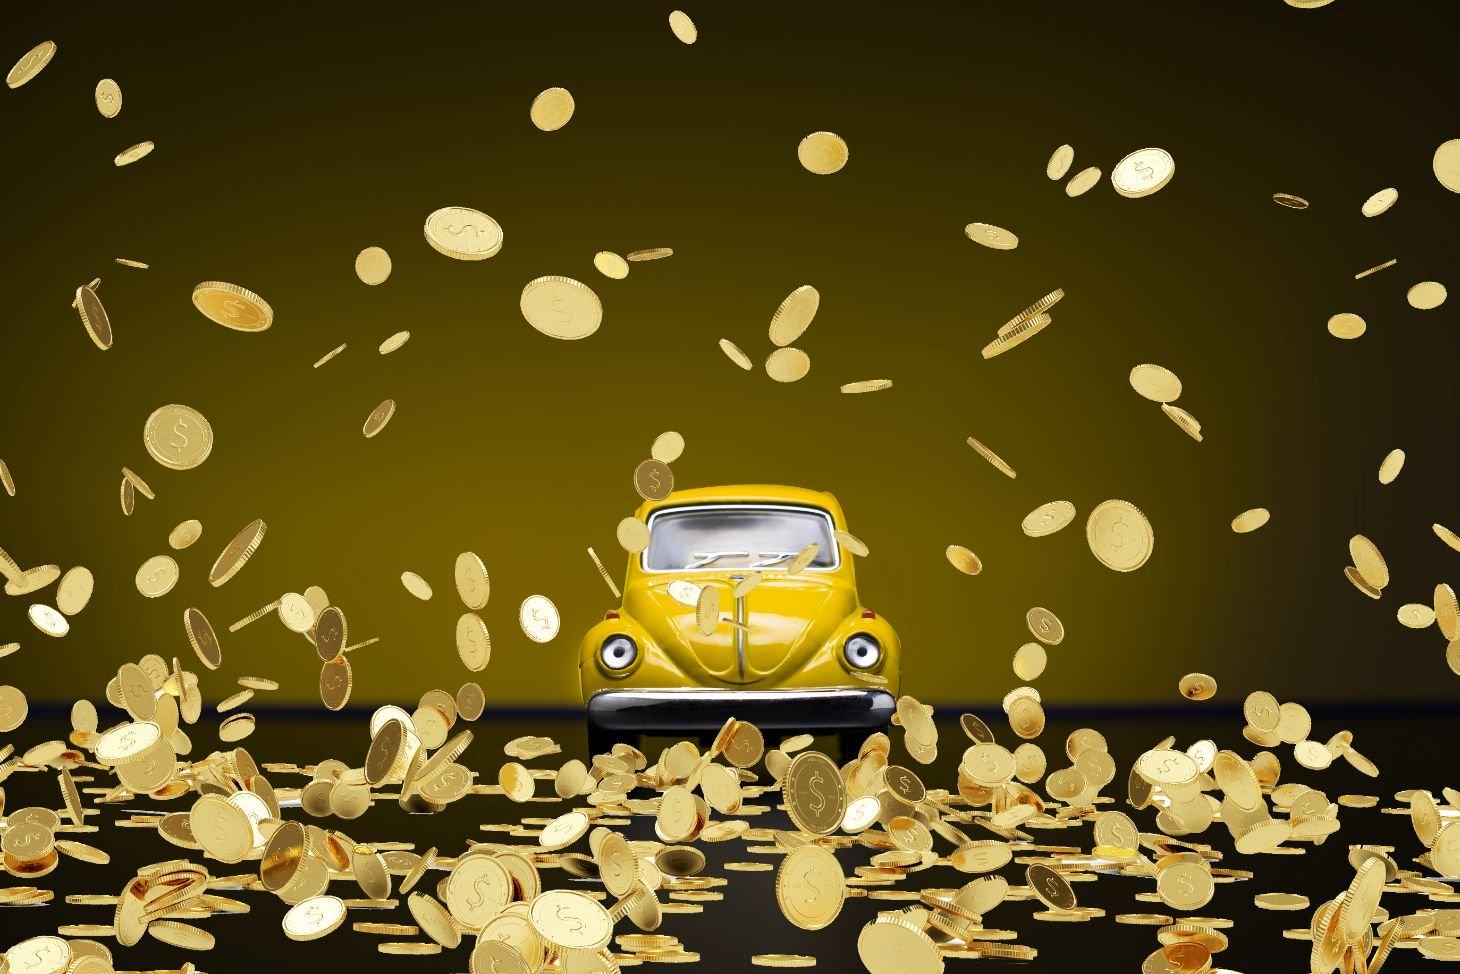 montagem andre fusca amarelo chuva de moedas shutterstock